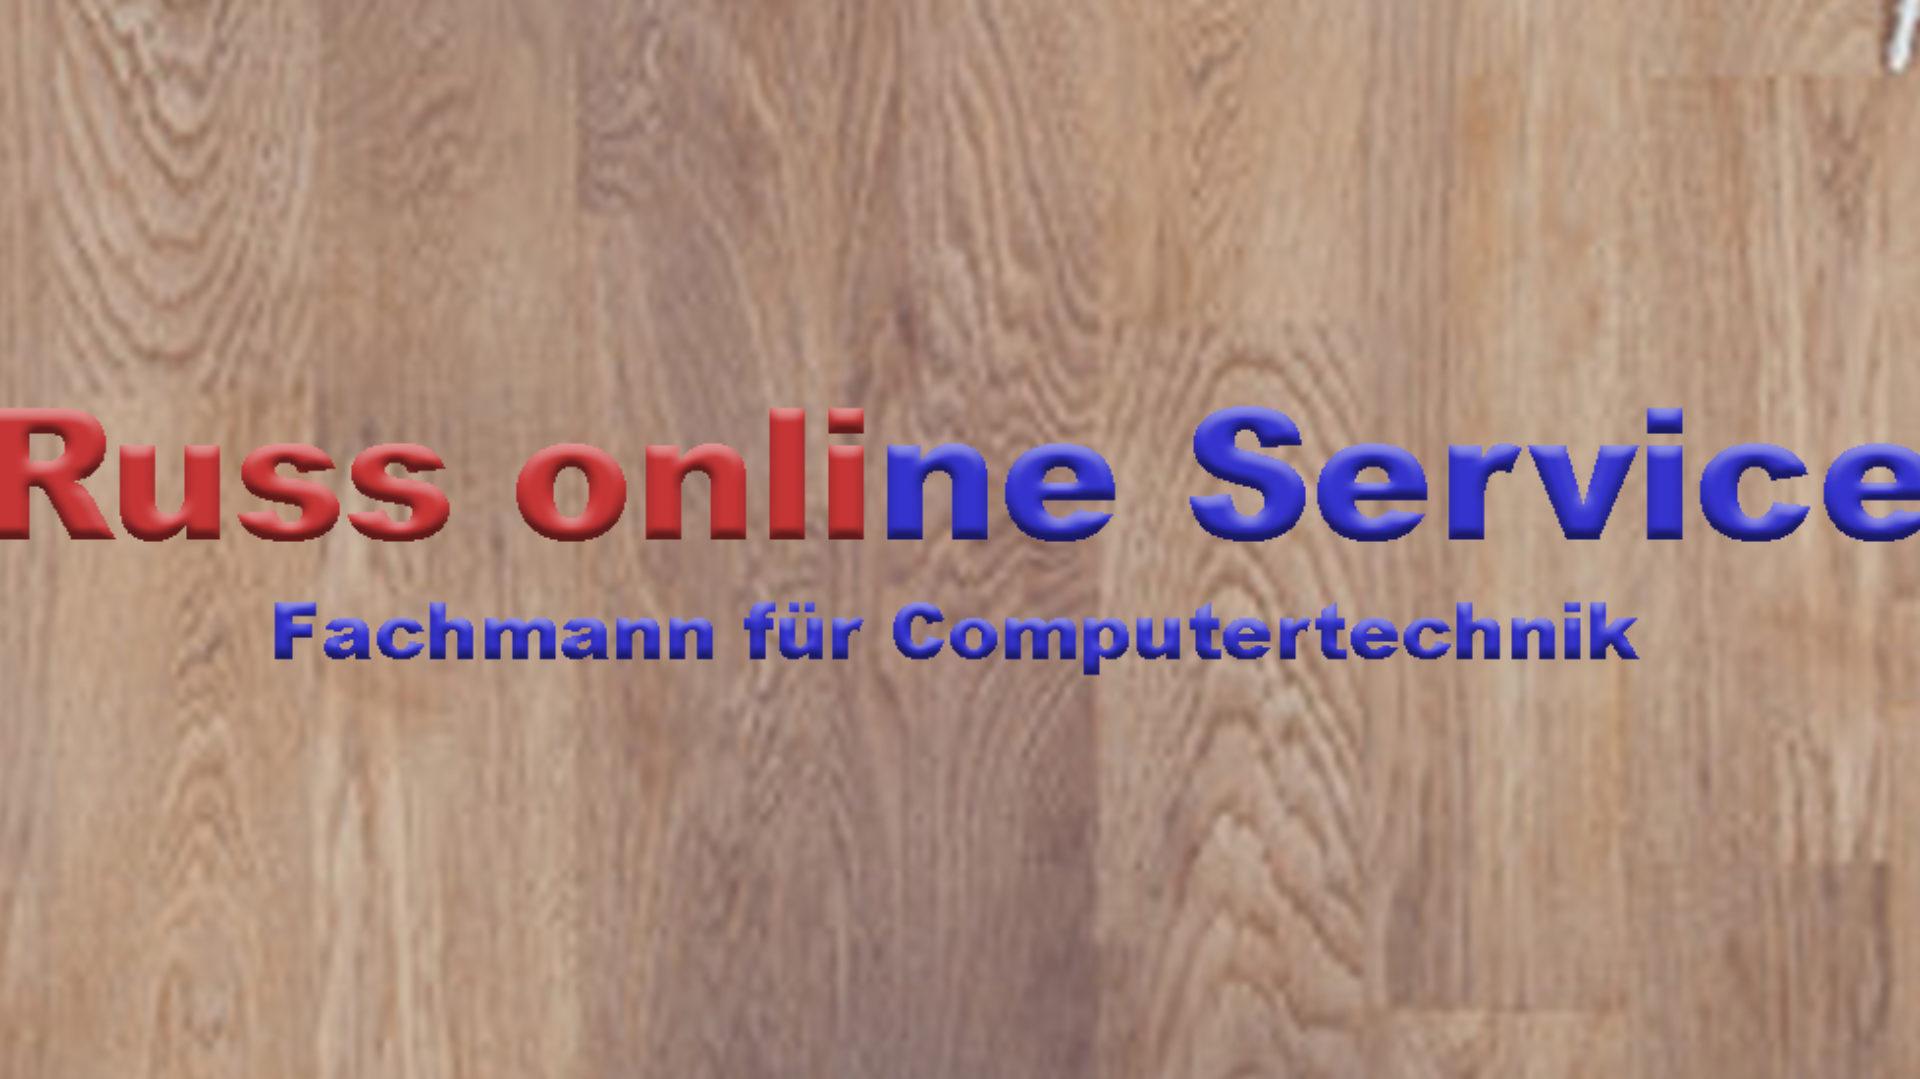 Russ online Service